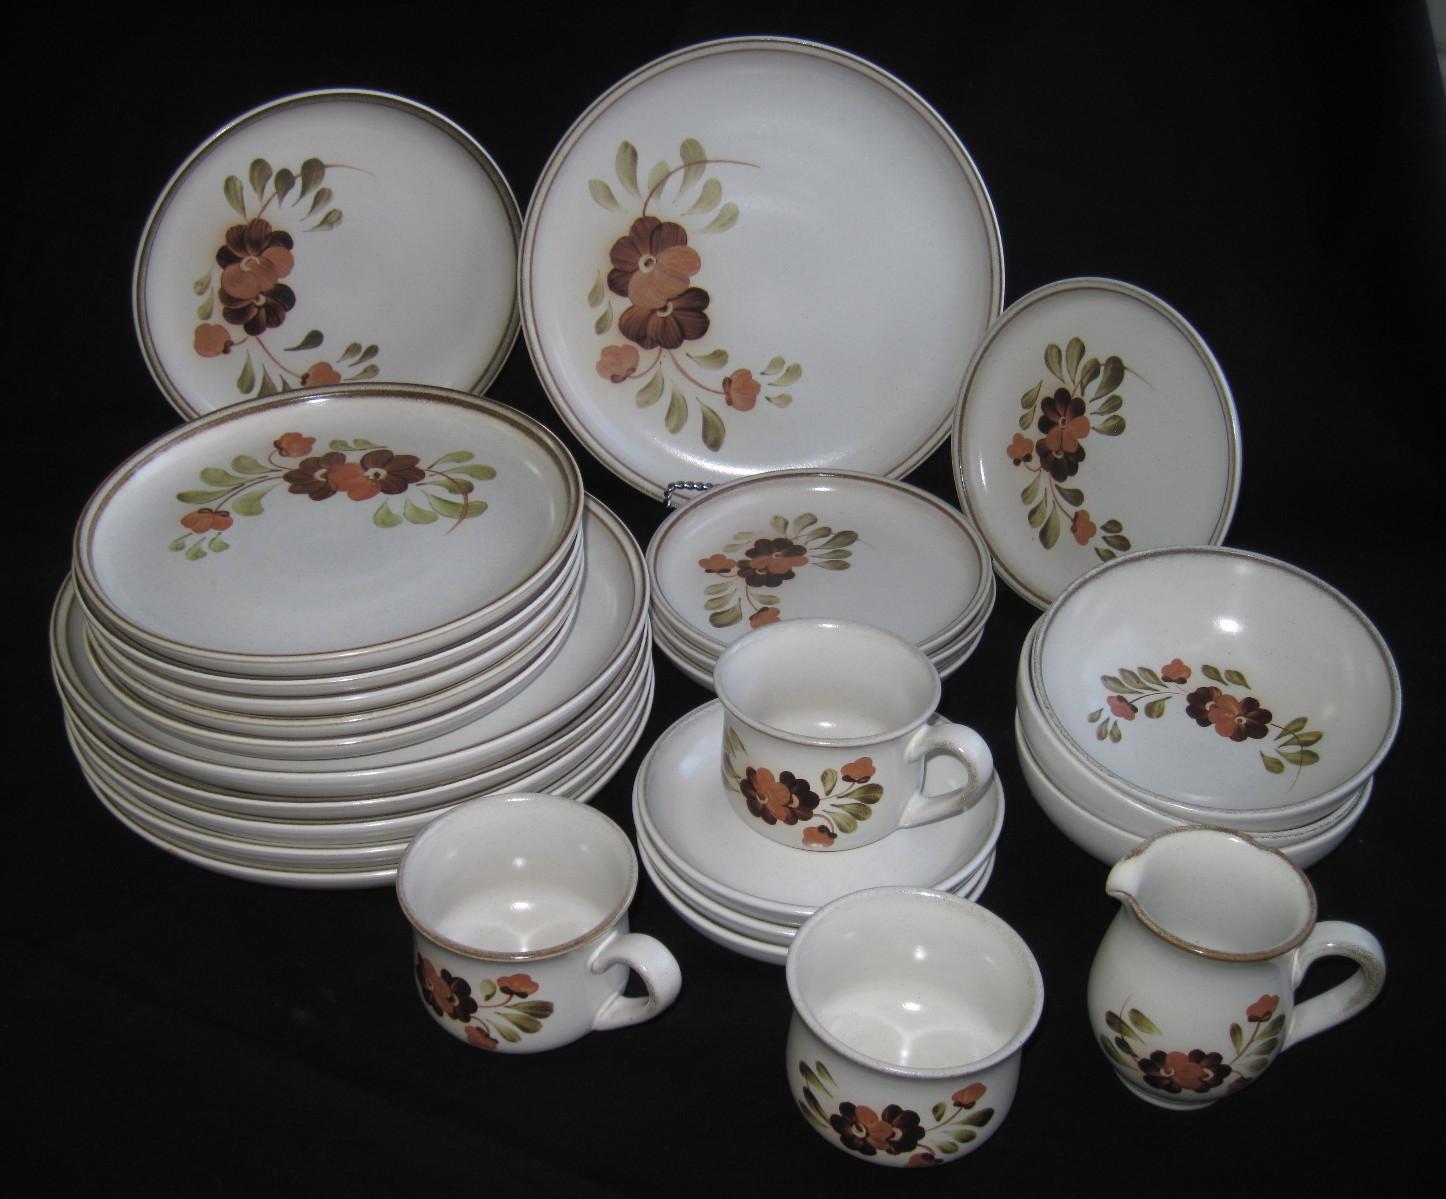 Denby Serenade & Denby Serenade Dish Set ca. 1970u0027s made in England | fabfindsblog